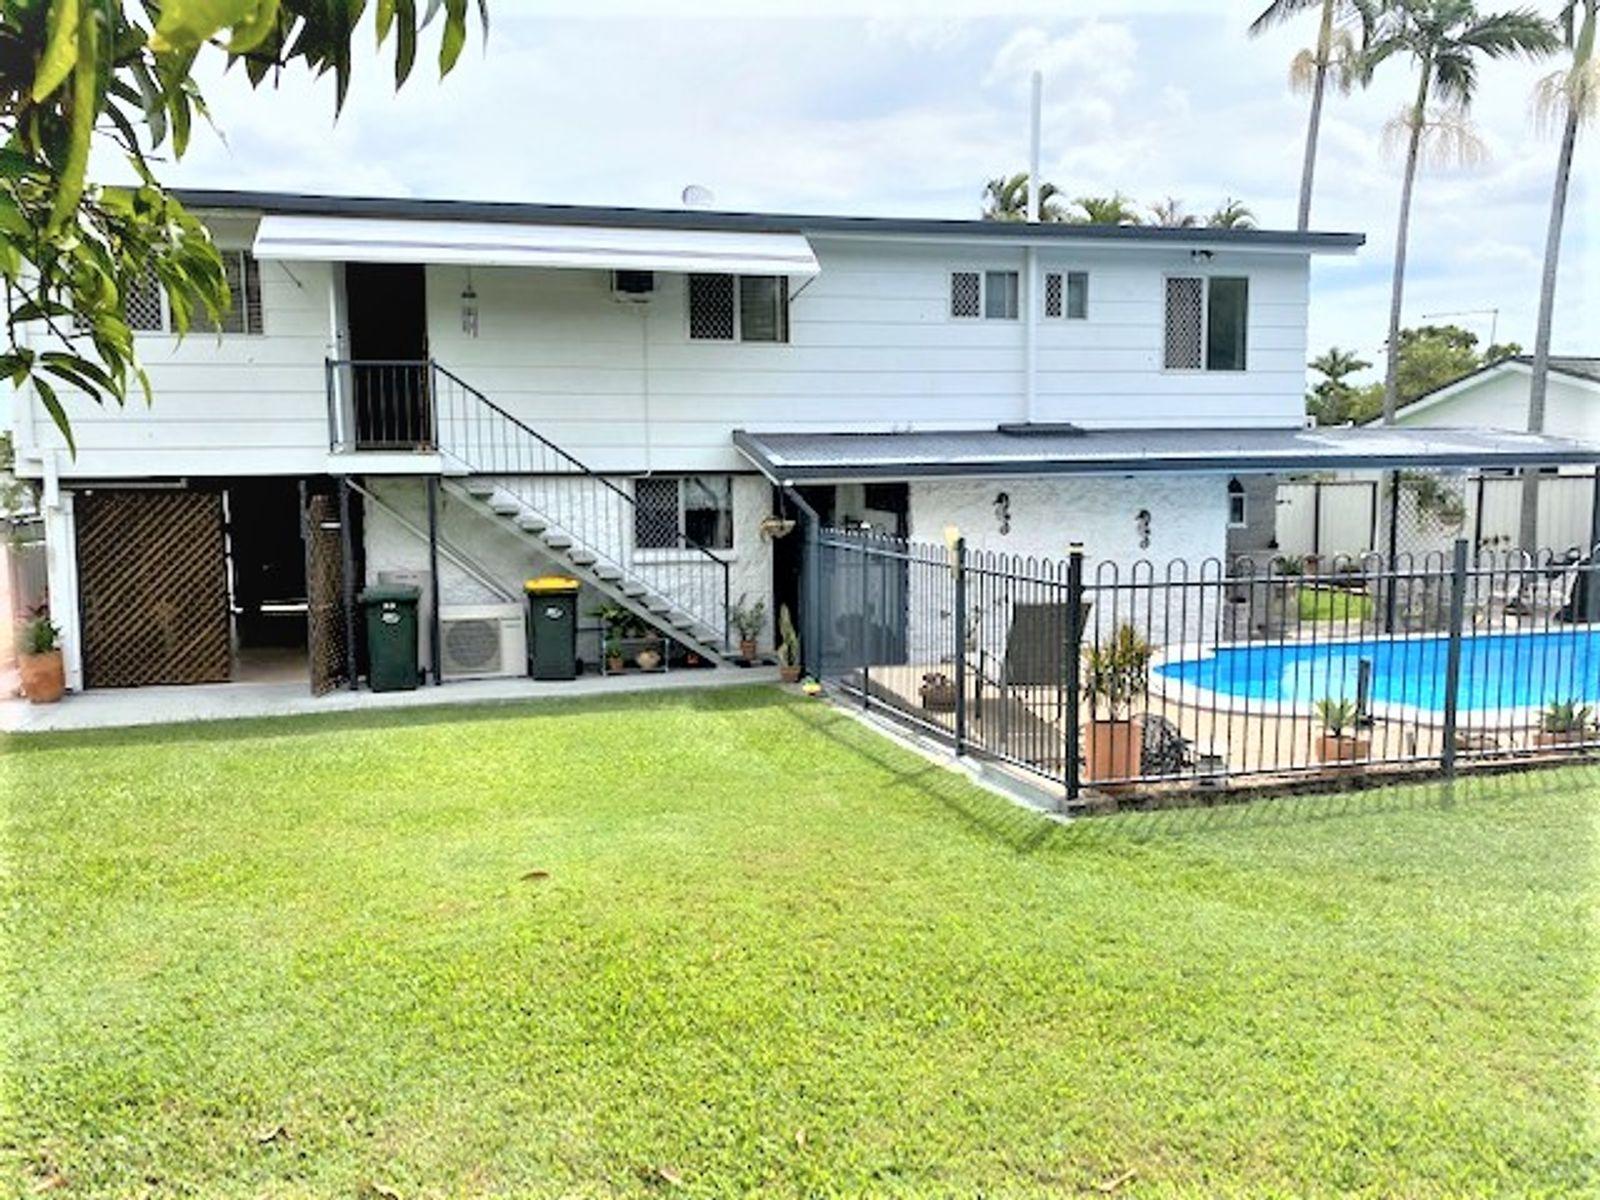 60 Scott Street, Kawana, QLD 4701